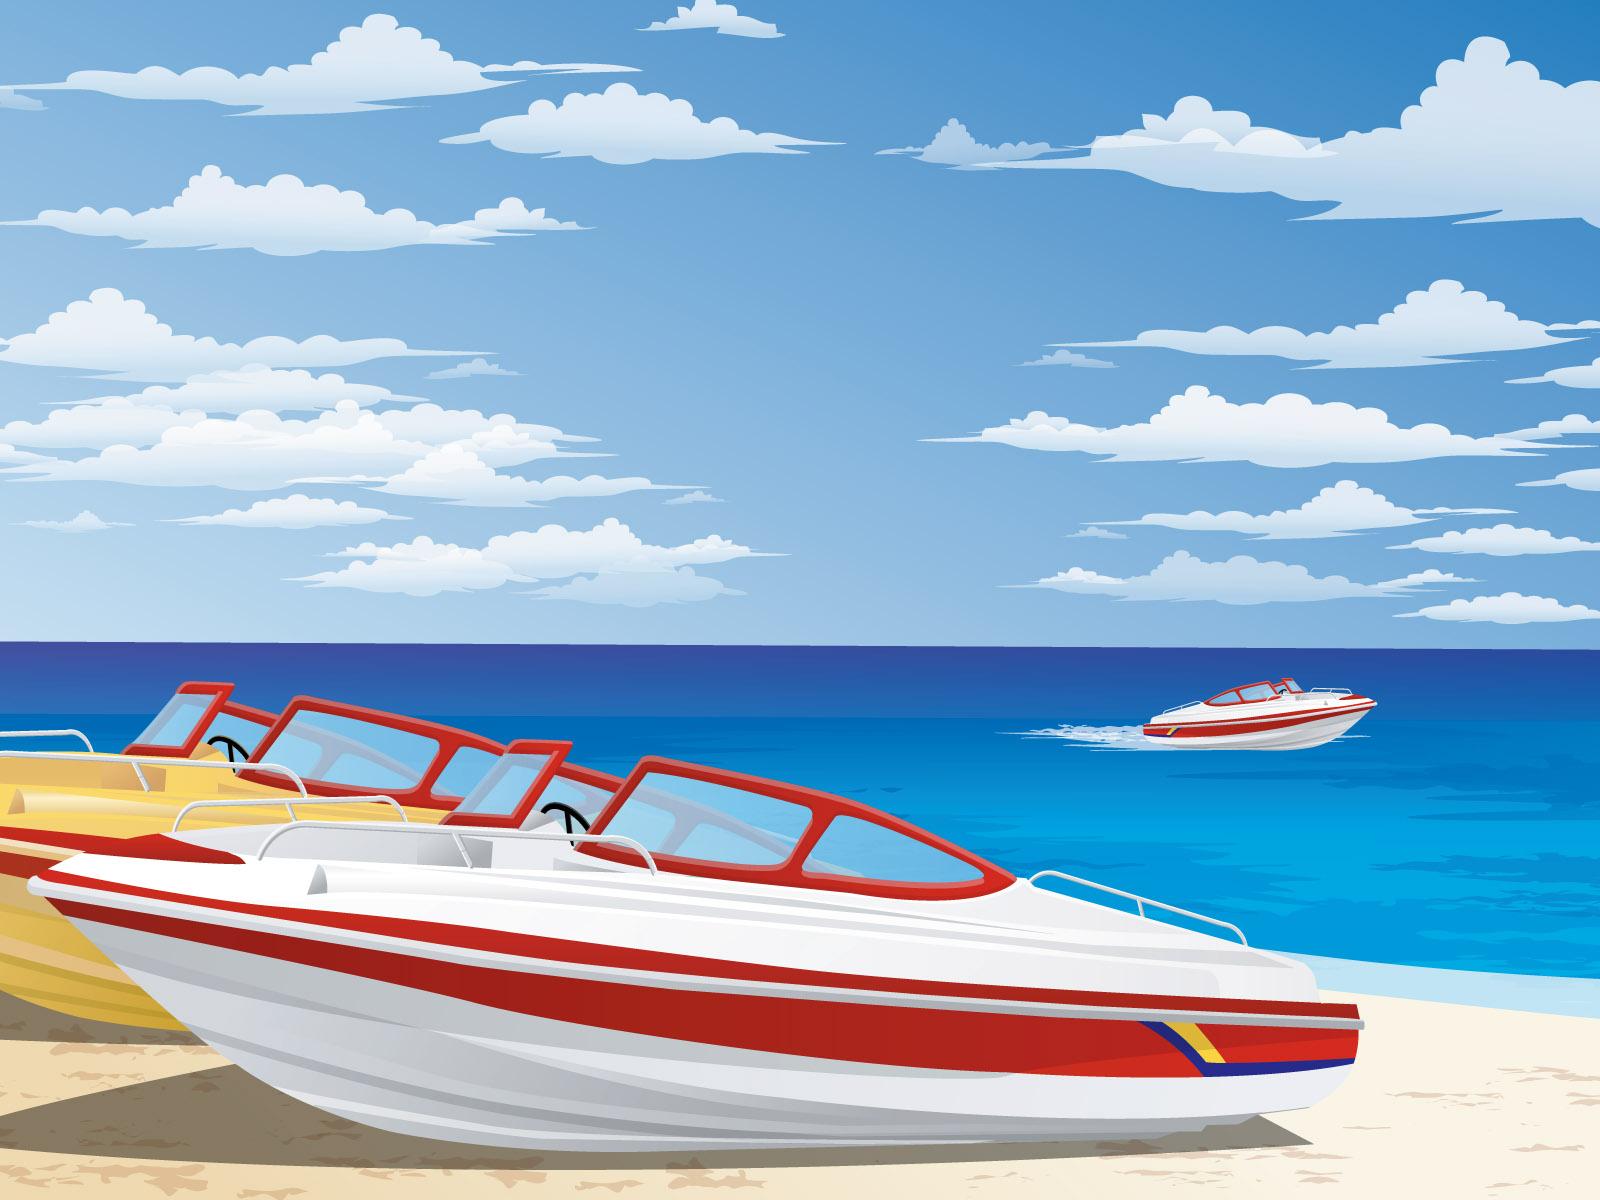 壁纸1600×1200矢量夏日海滩 1 11壁纸 矢量风光 矢量夏日海滩 第一辑壁纸图片矢量壁纸矢量图片素材桌面壁纸